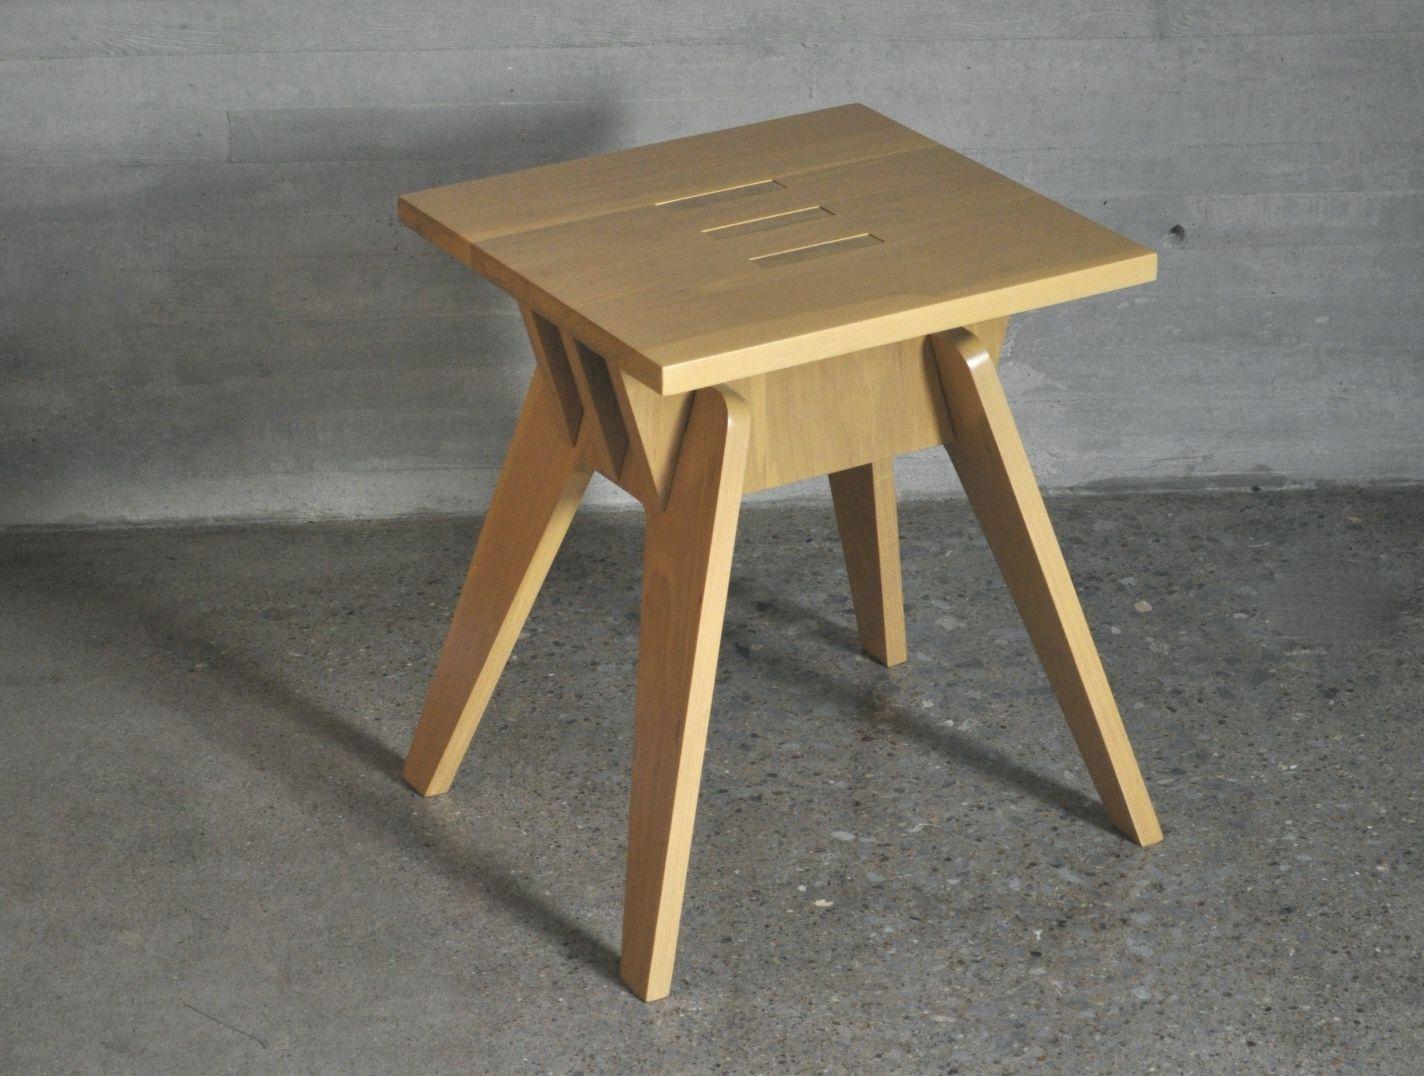 Muebles ecol gicos de madera hechos a mano de collaptes for Cosas hechas con madera